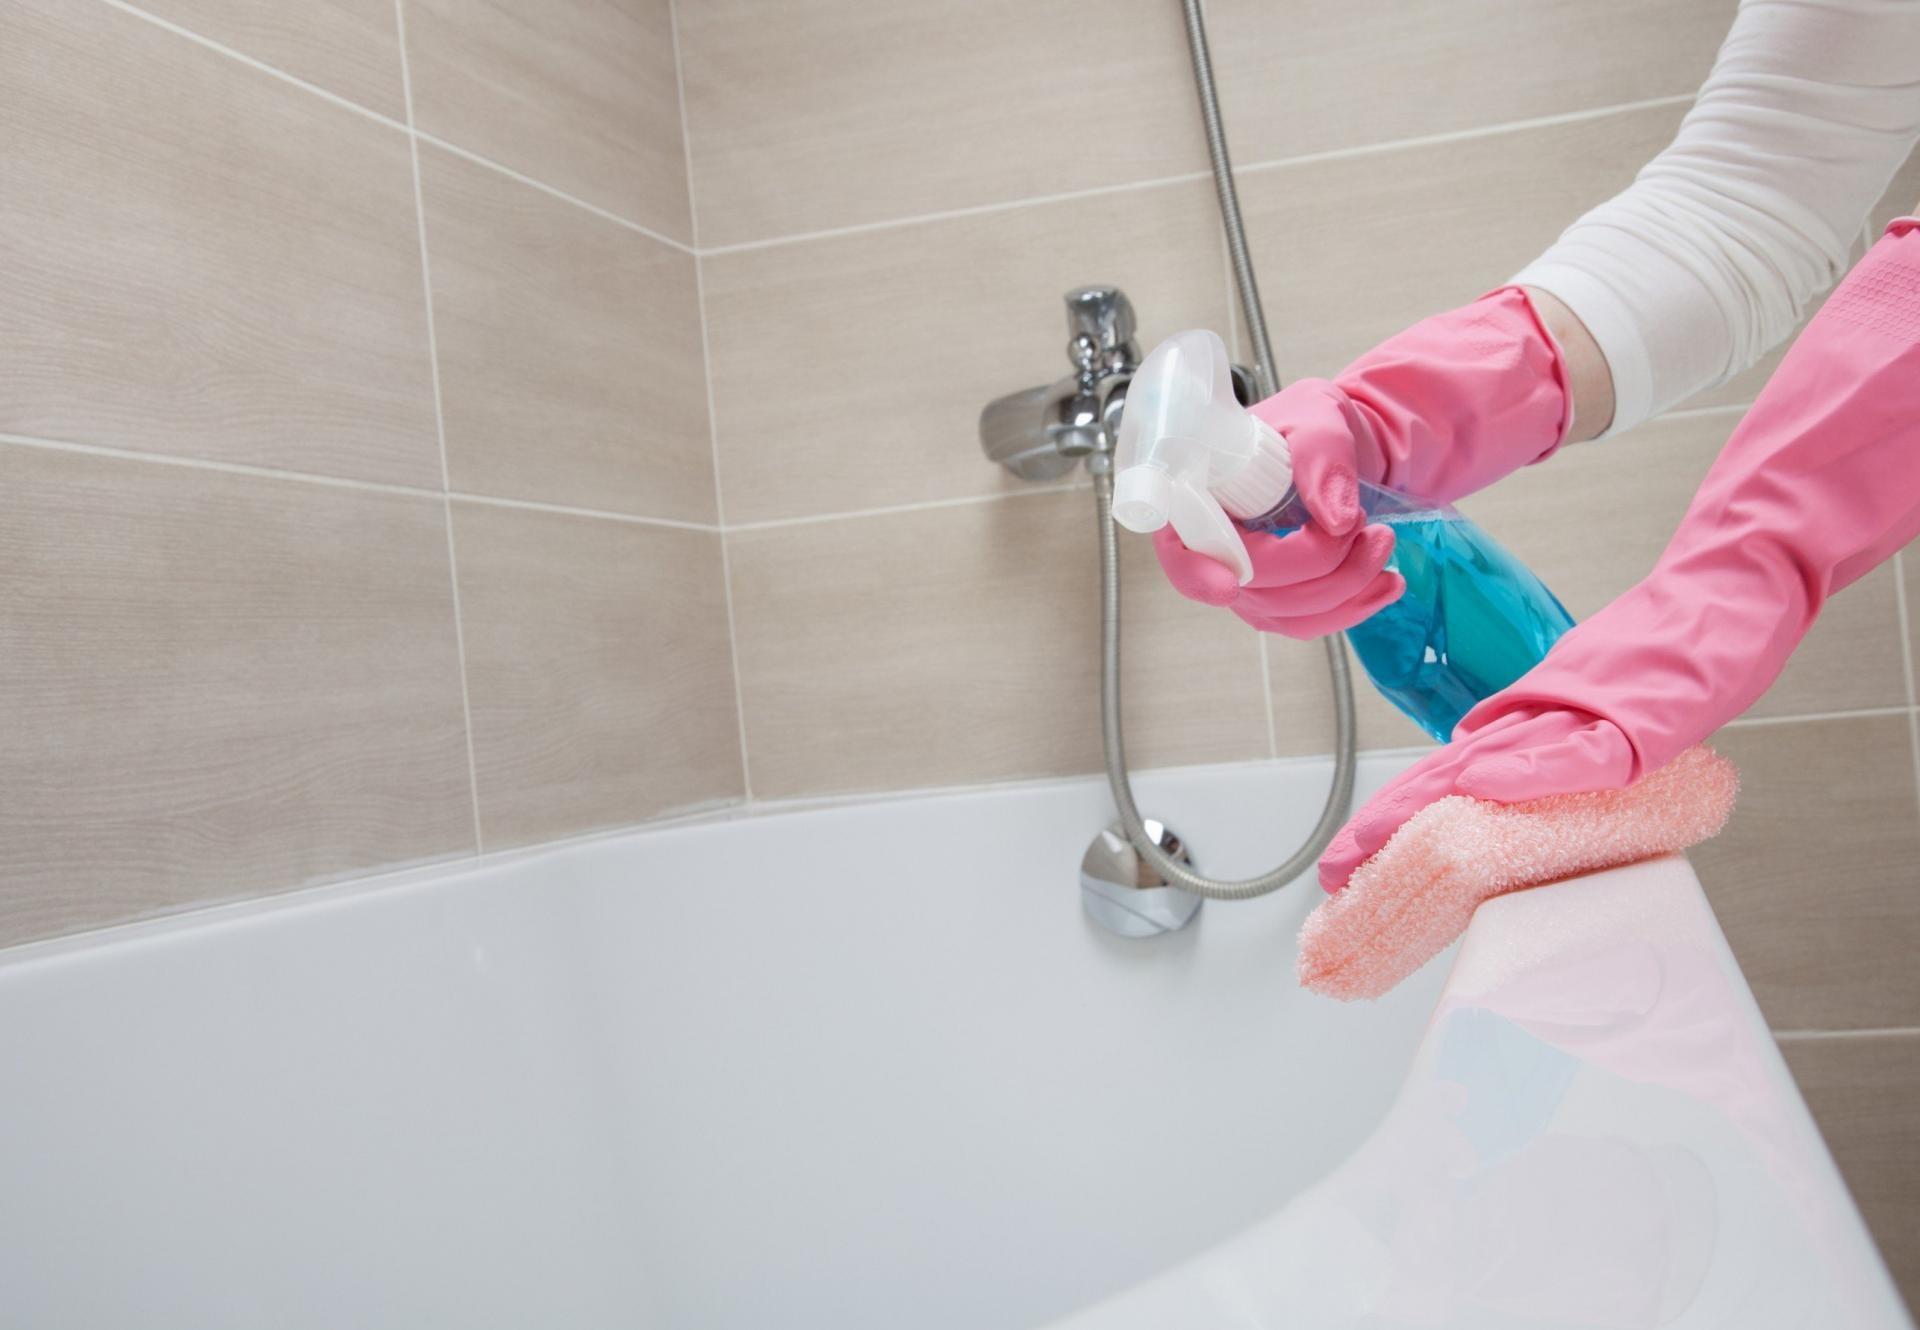 7 грубых ошибок, которые вы совершаете во время уборки в ванной :: инфониак